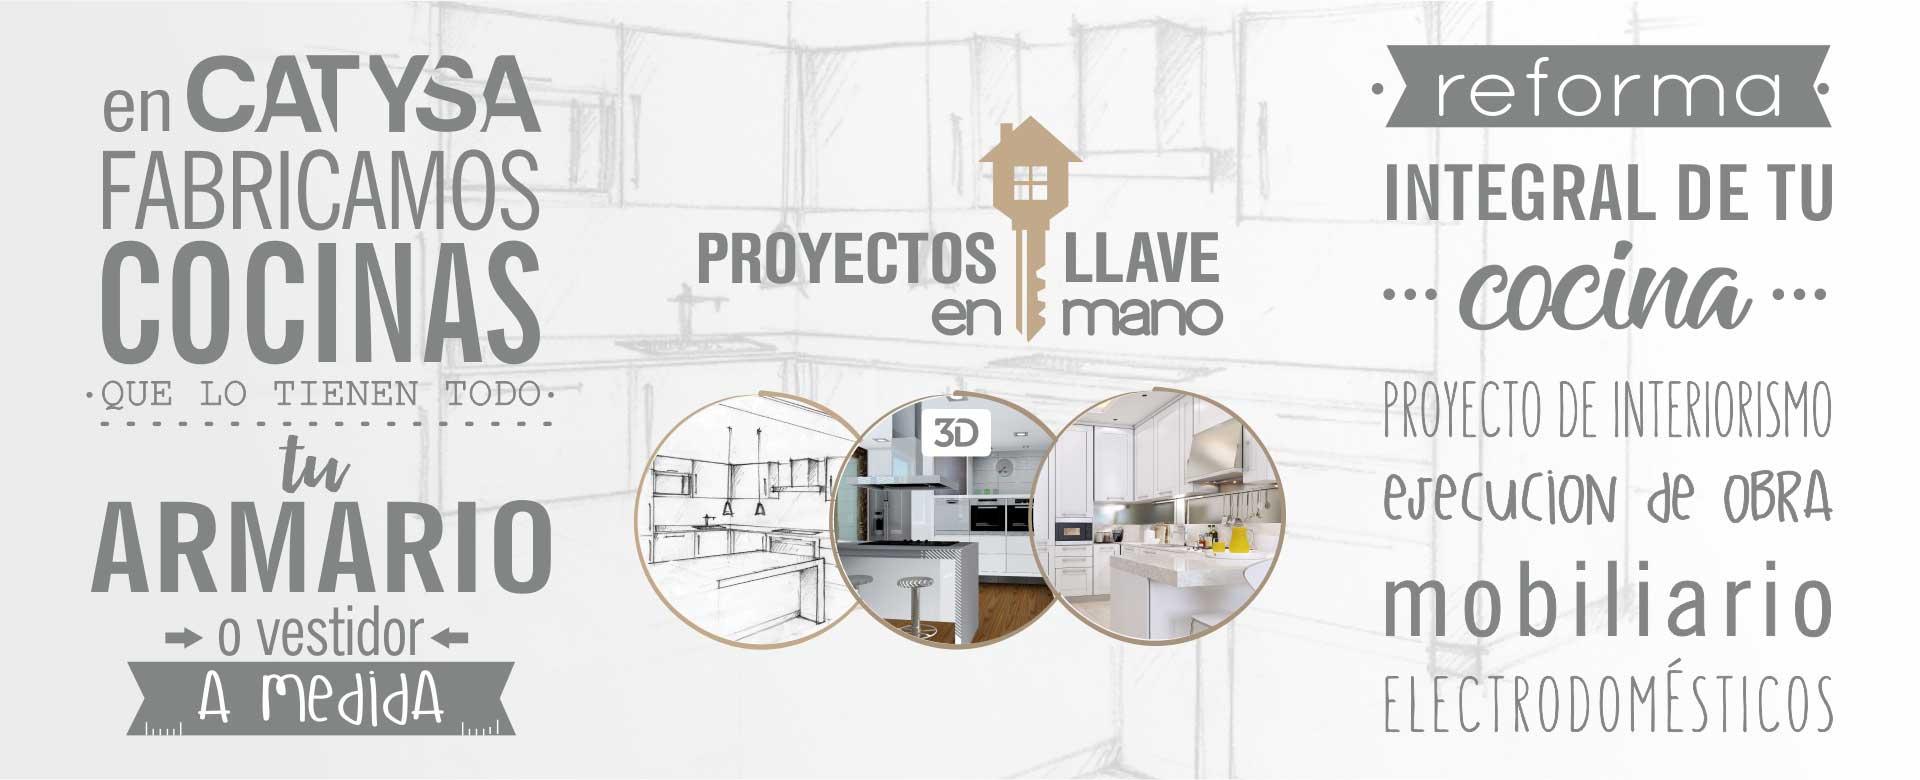 Tienda de cocinas en Córdoba | Cocinas Catysa